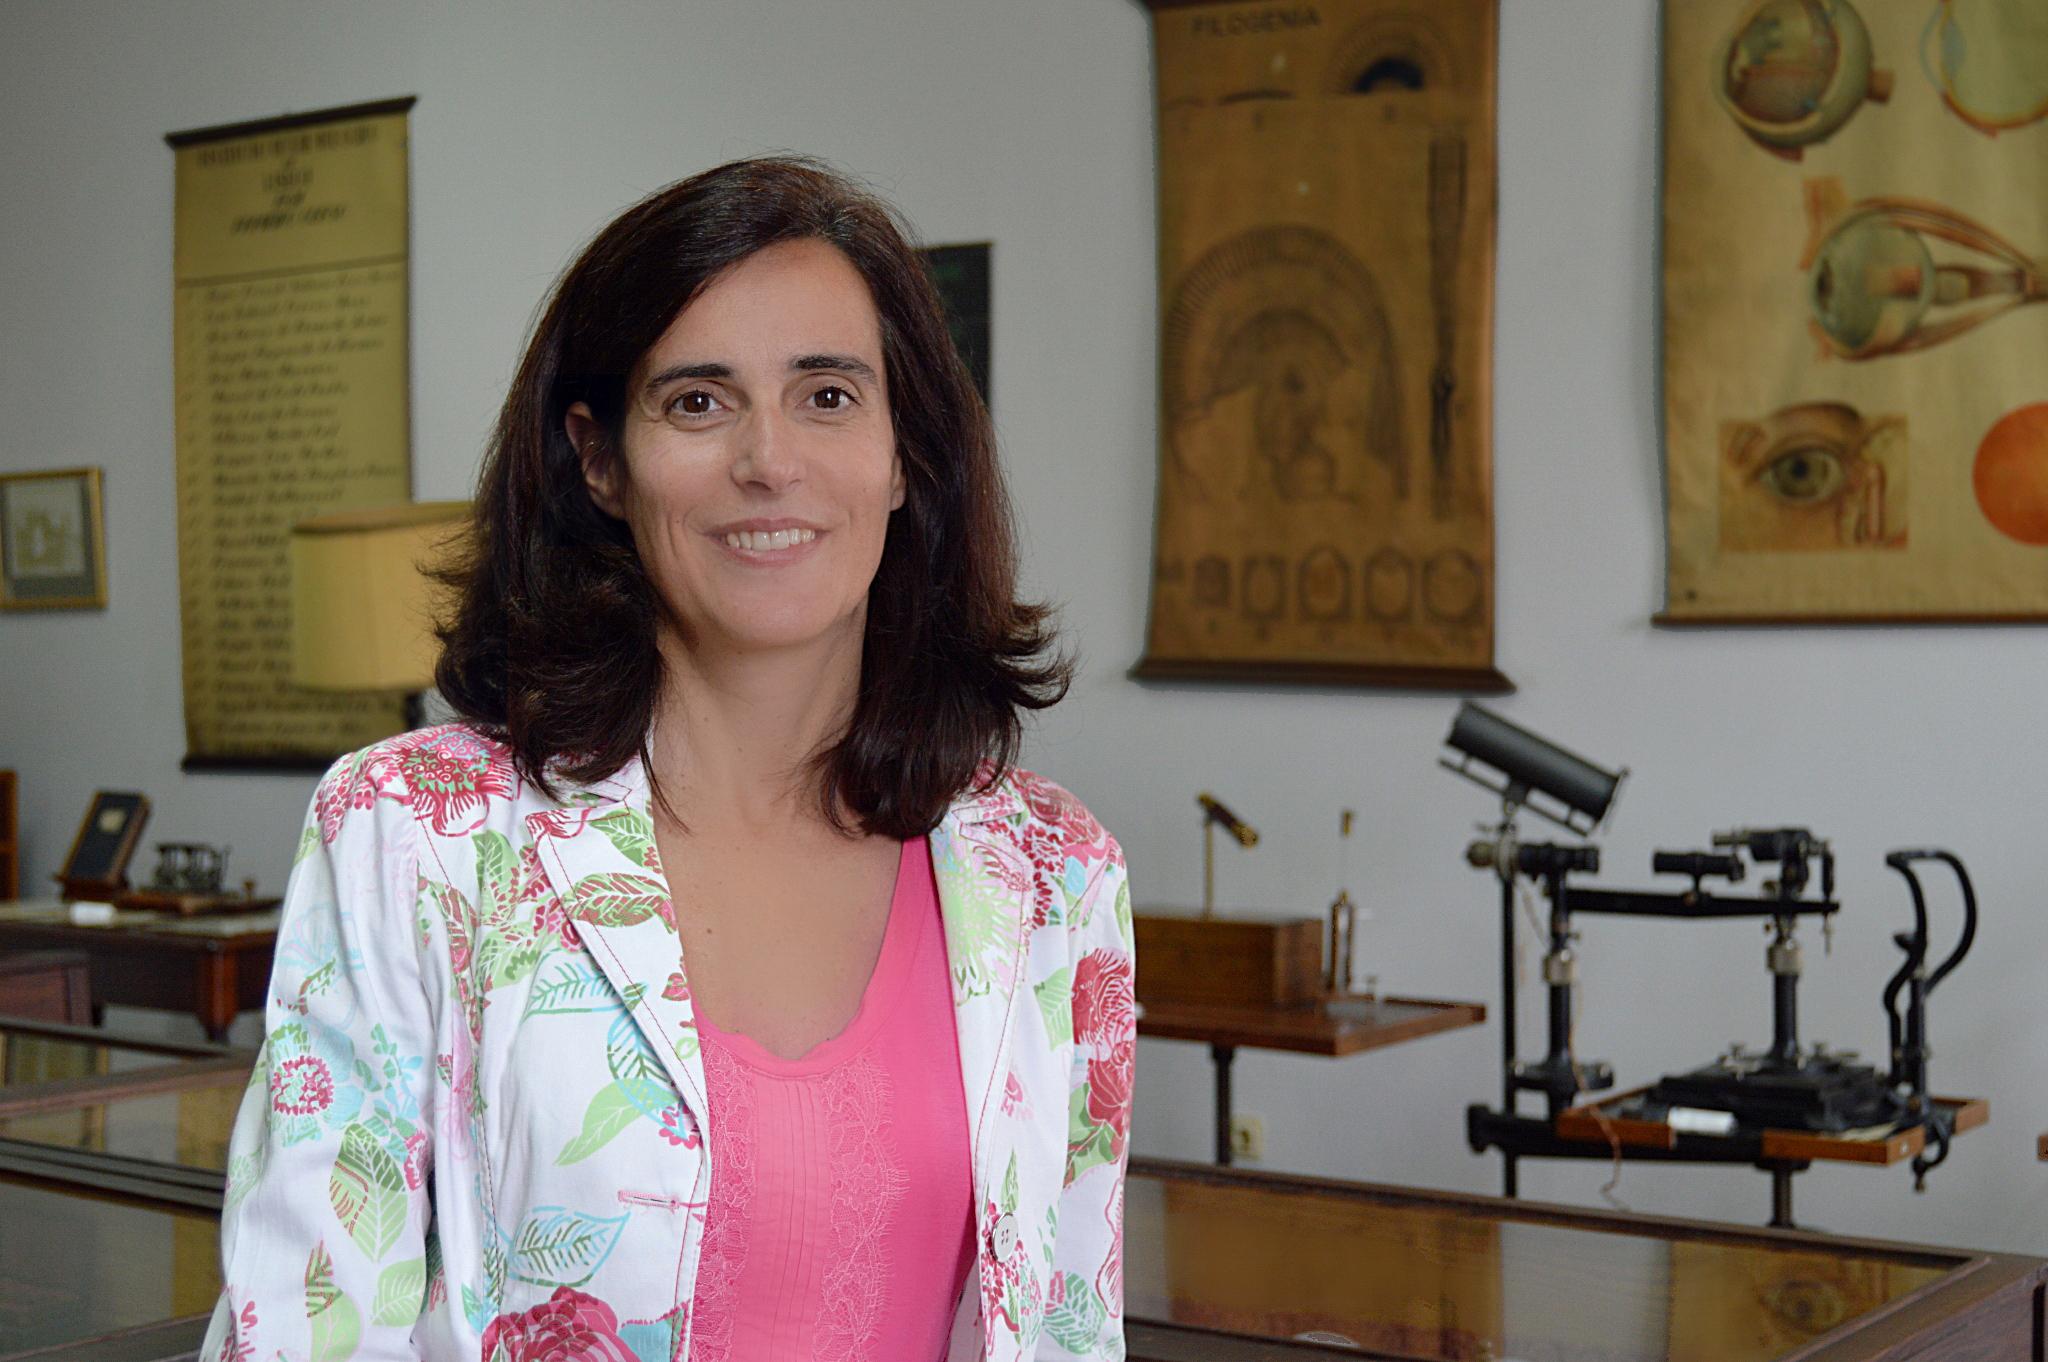 Erica de Oliveira Grilo Santos Cardoso